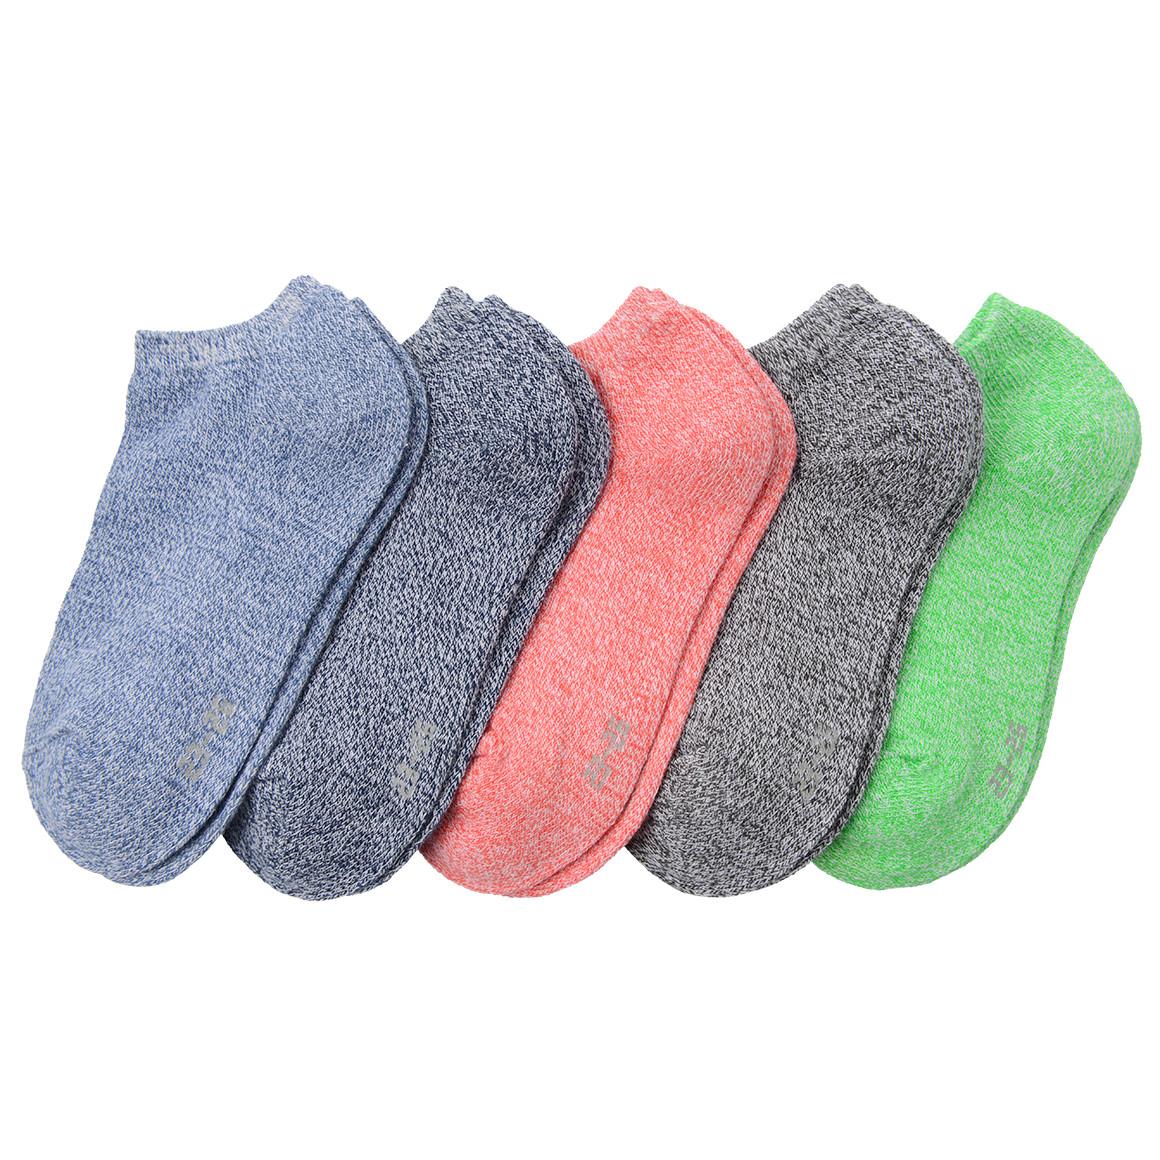 Jungen Sneaker Socken in verschiedenen Farben